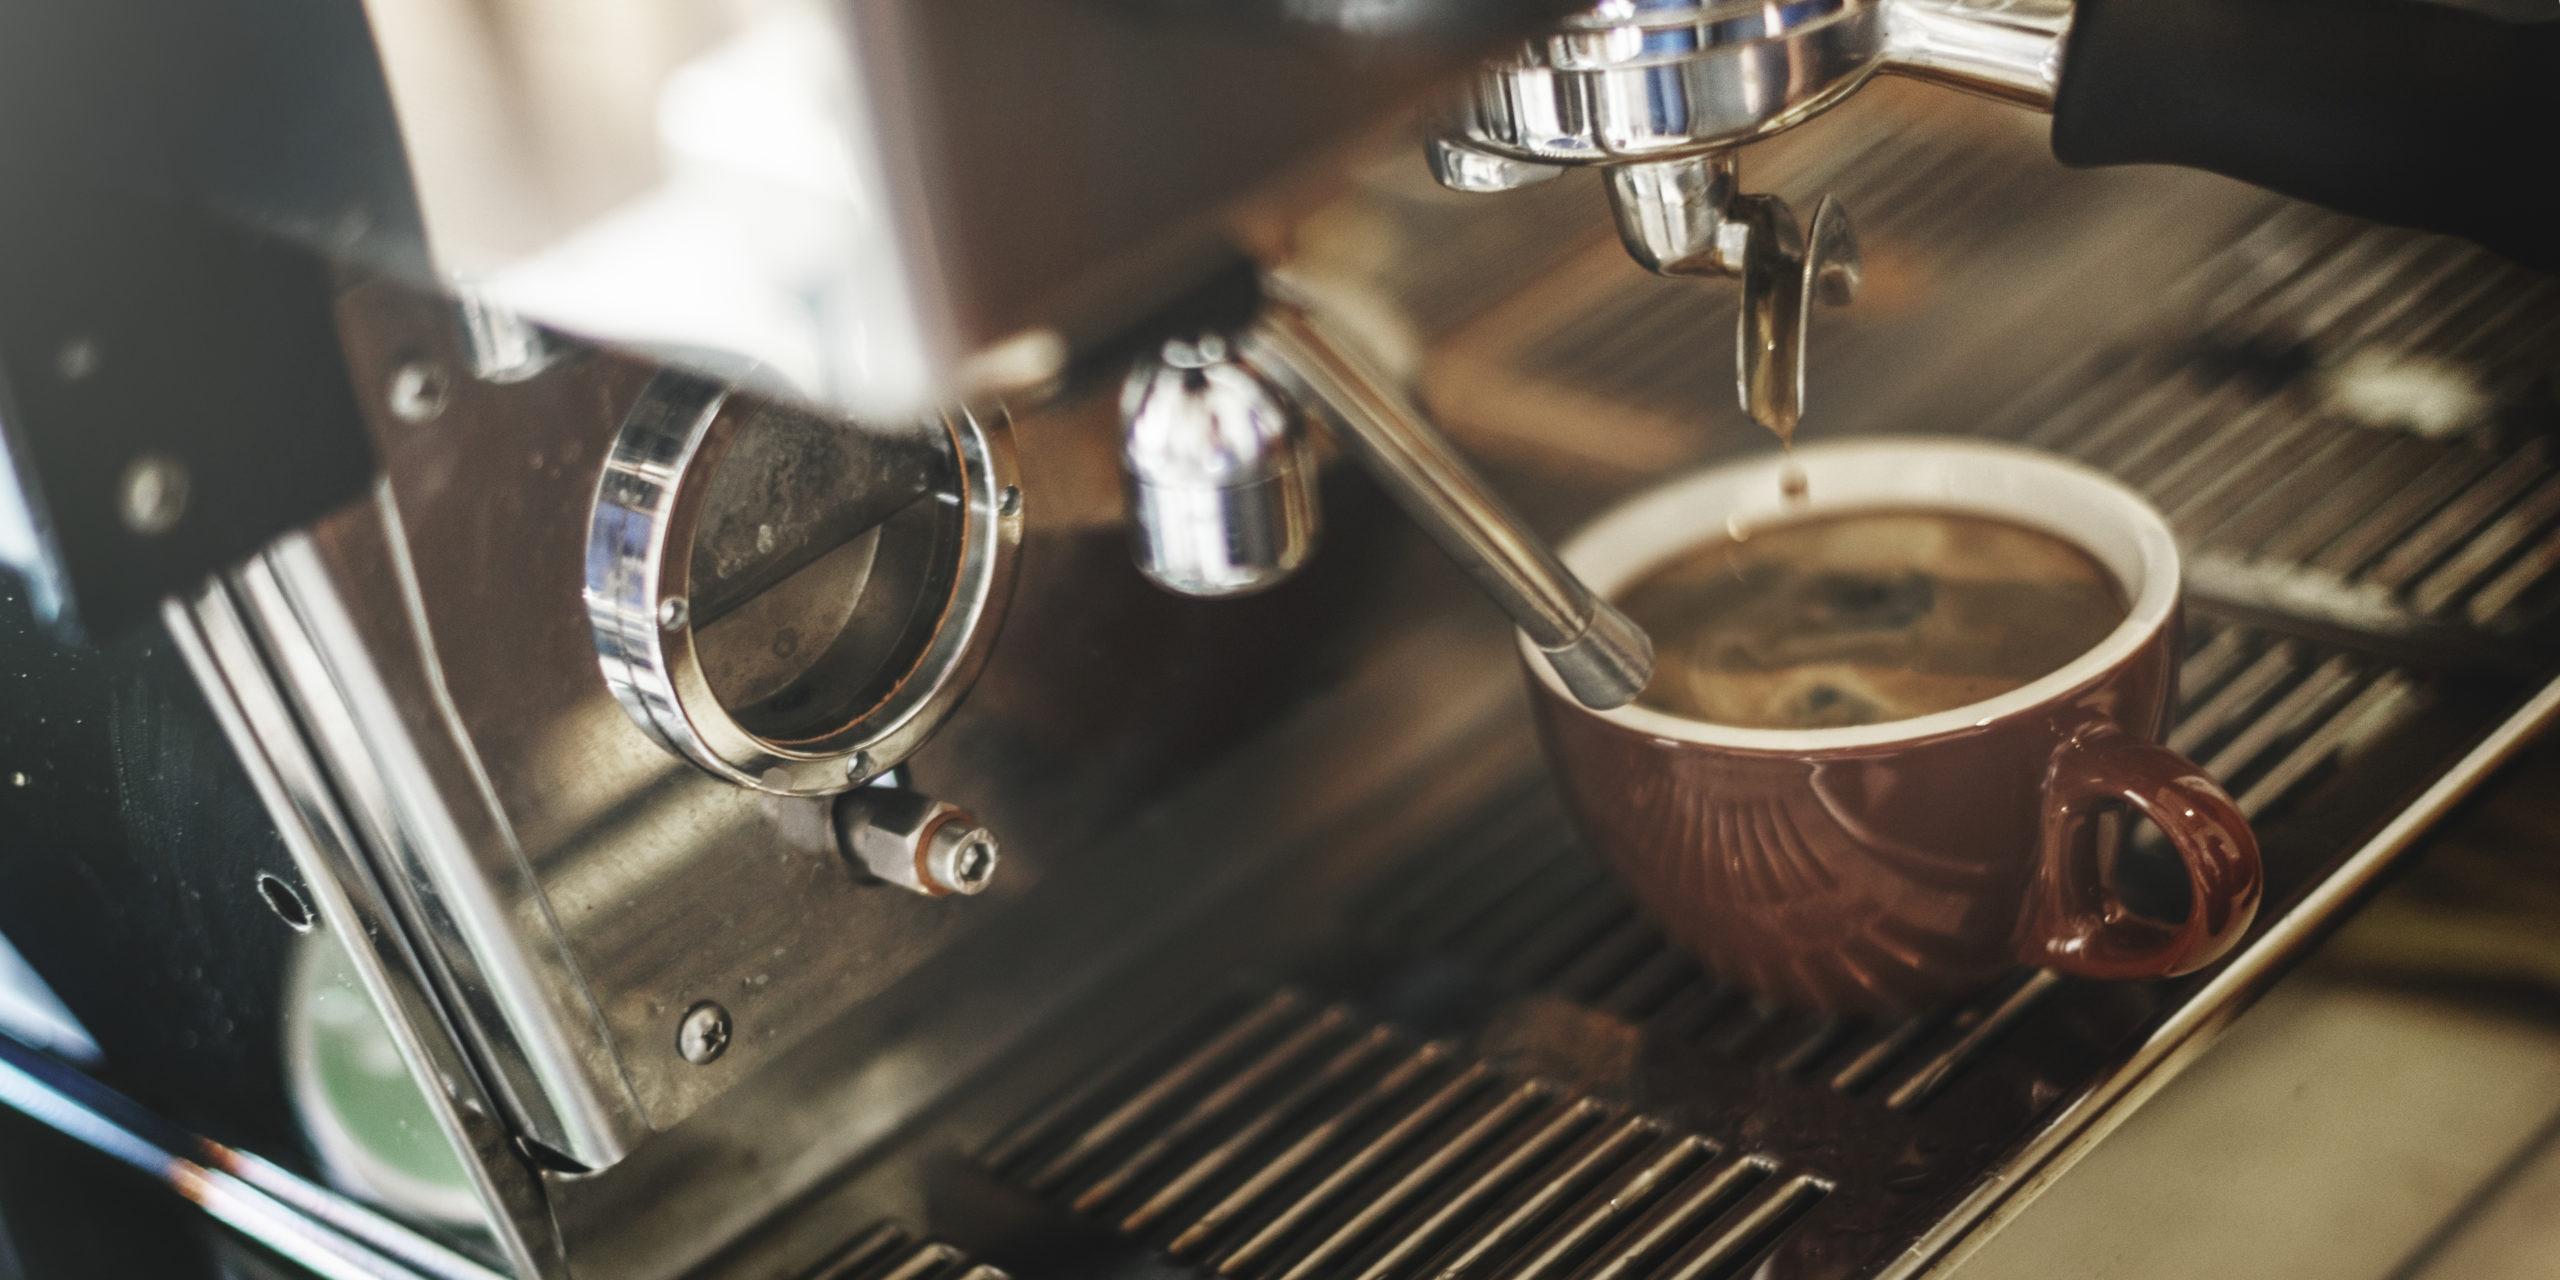 เครื่องชงกาแฟออโต้